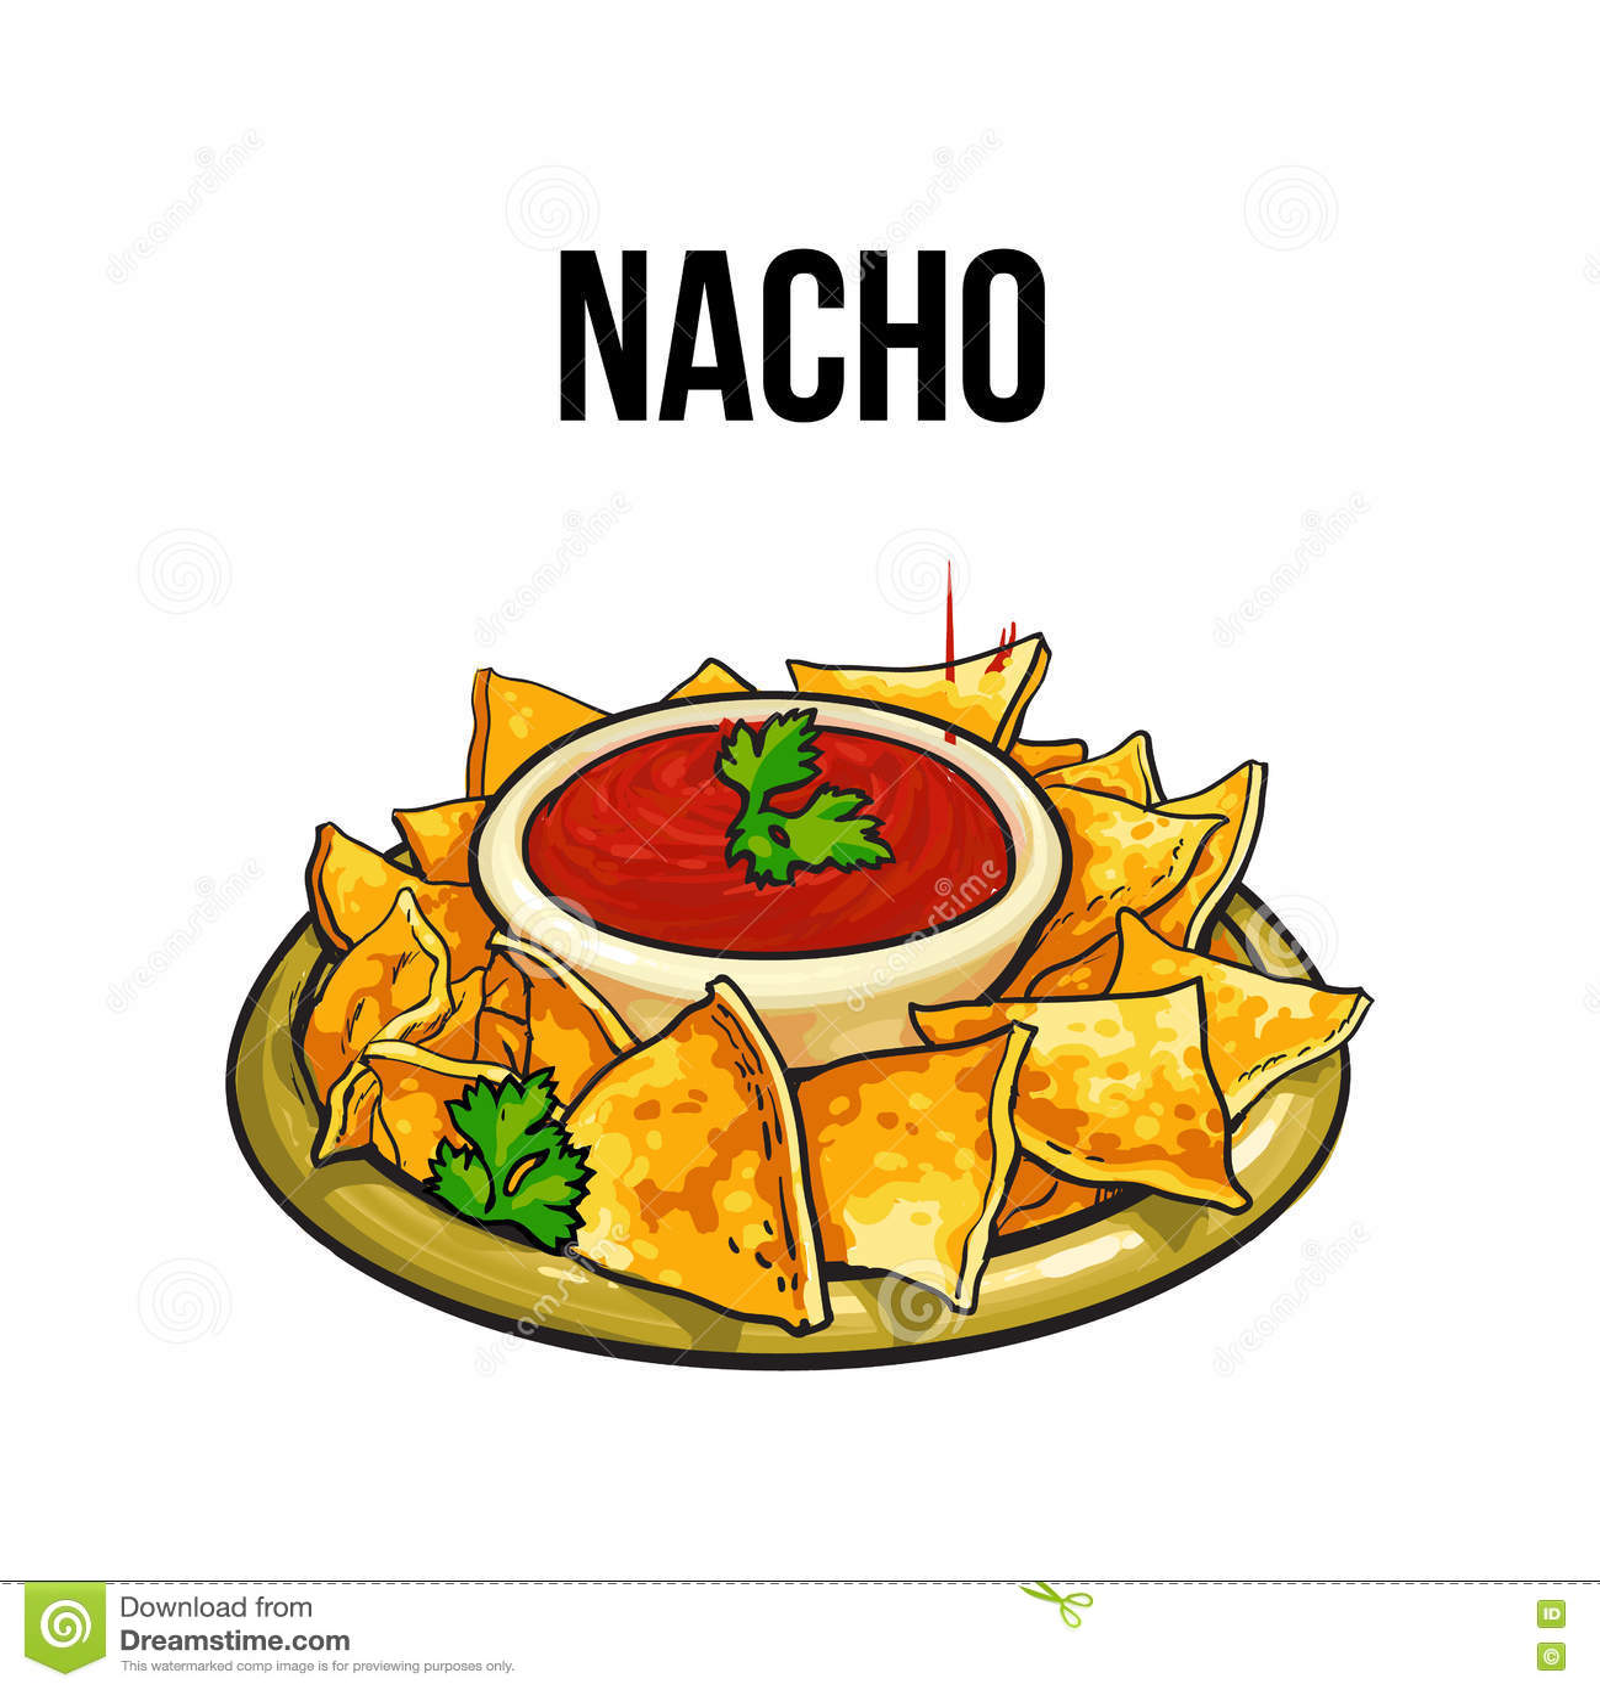 Mexican clip art, Nachos clip art, Taco clip art (17883)   Illustrations    Design Bundles   Clip art, Book cover invitation, Mexican food recipes